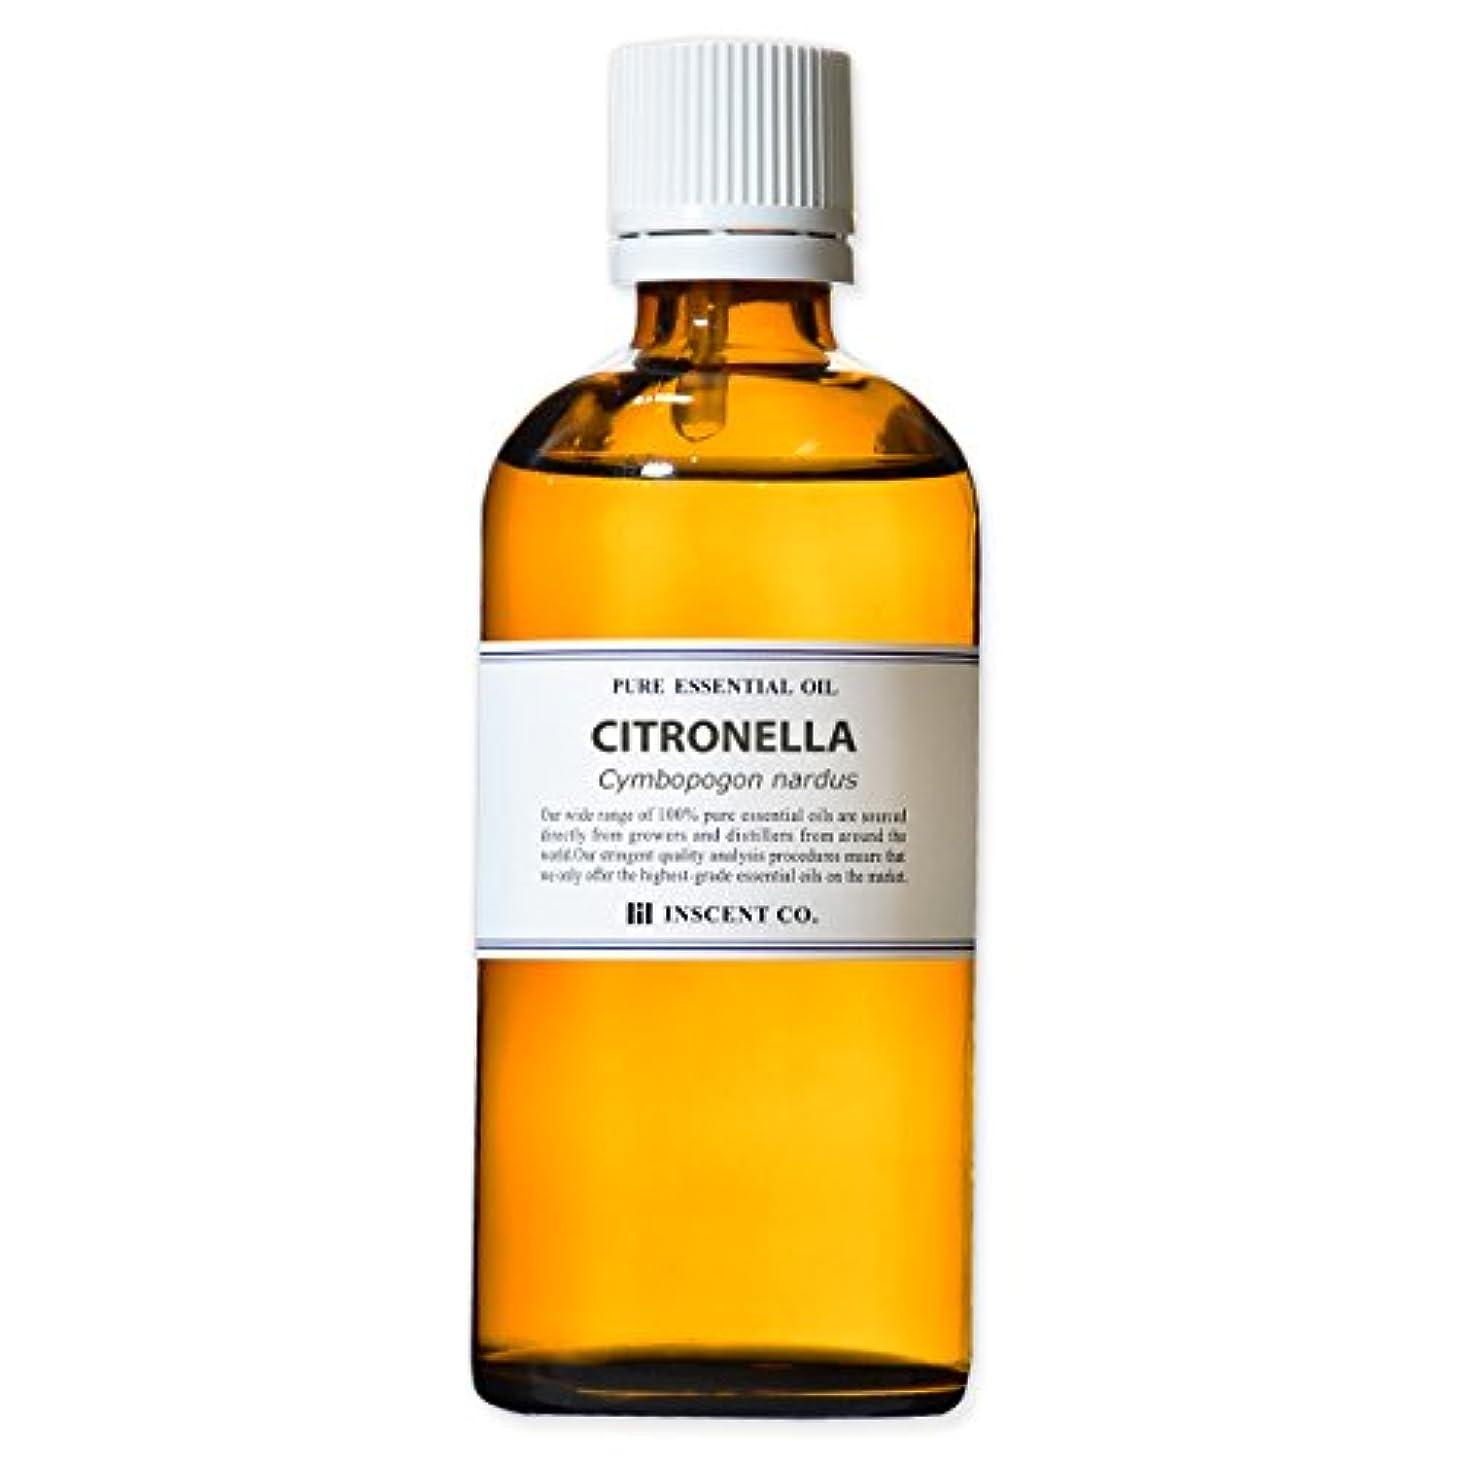 味わう魔術歴史的シトロネラ 100ml インセント アロマオイル AEAJ 表示基準適合認定精油